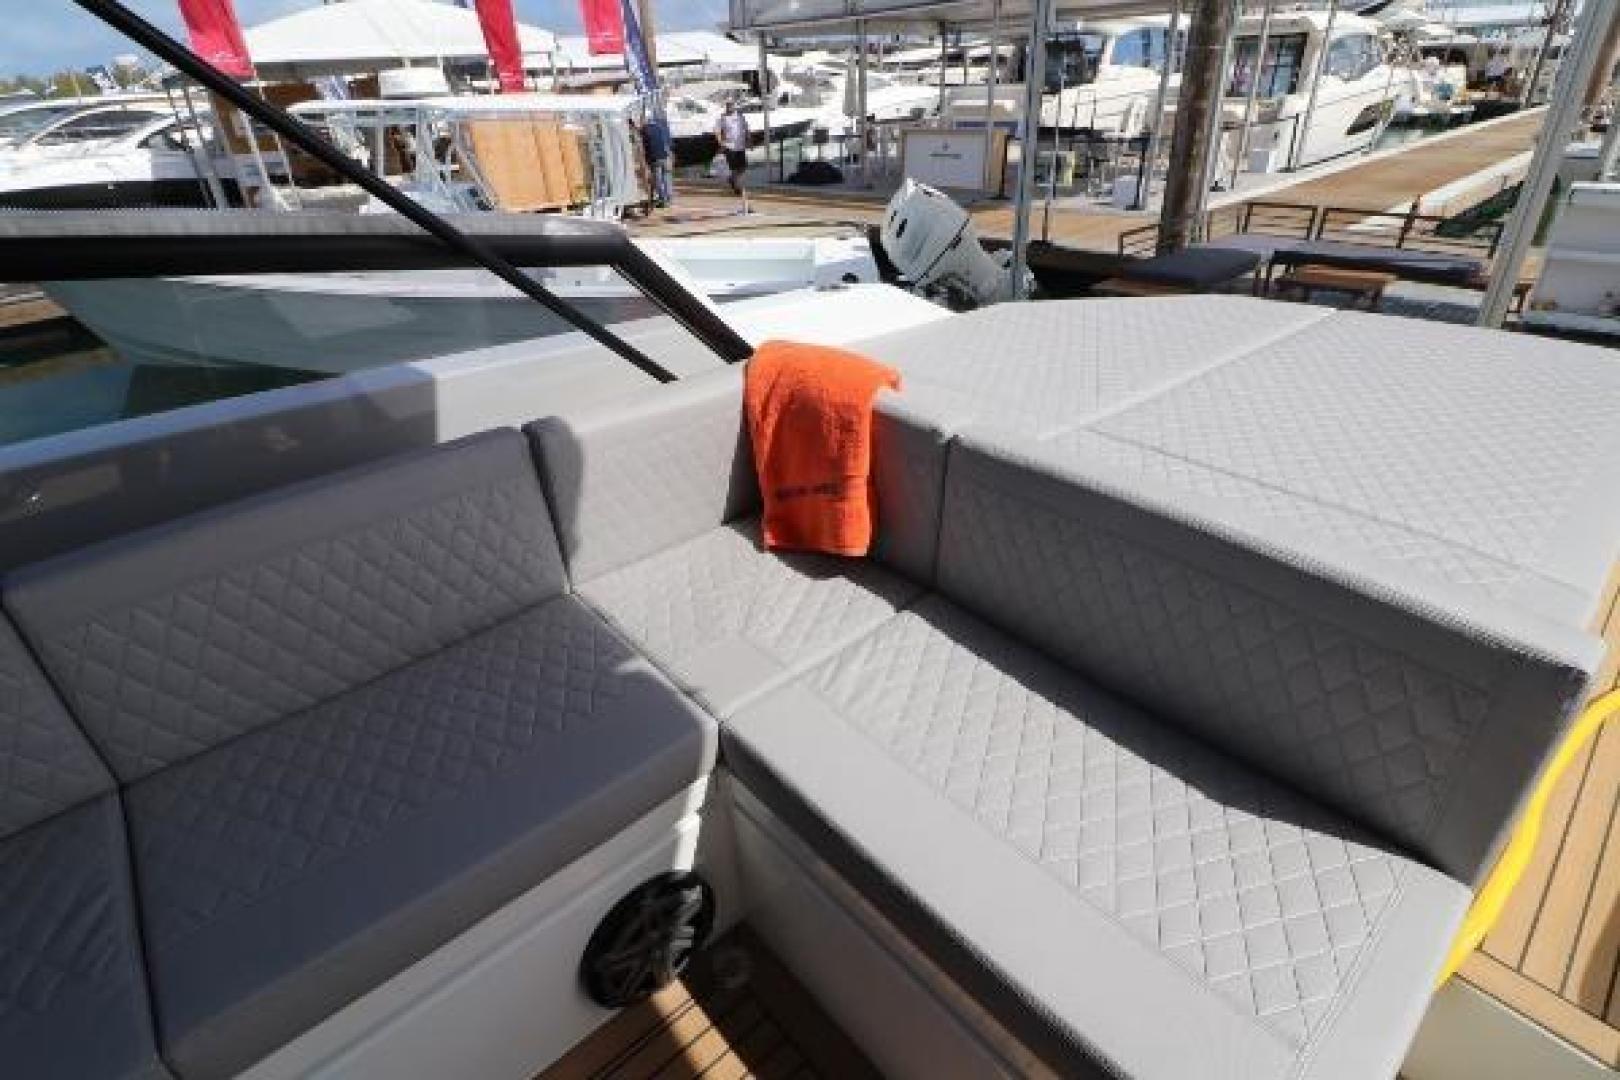 De Antonio-D46 Open 2020-De Antonio Yachts D46 Open Fort Lauderdale-Florida-United States-1523095 | Thumbnail